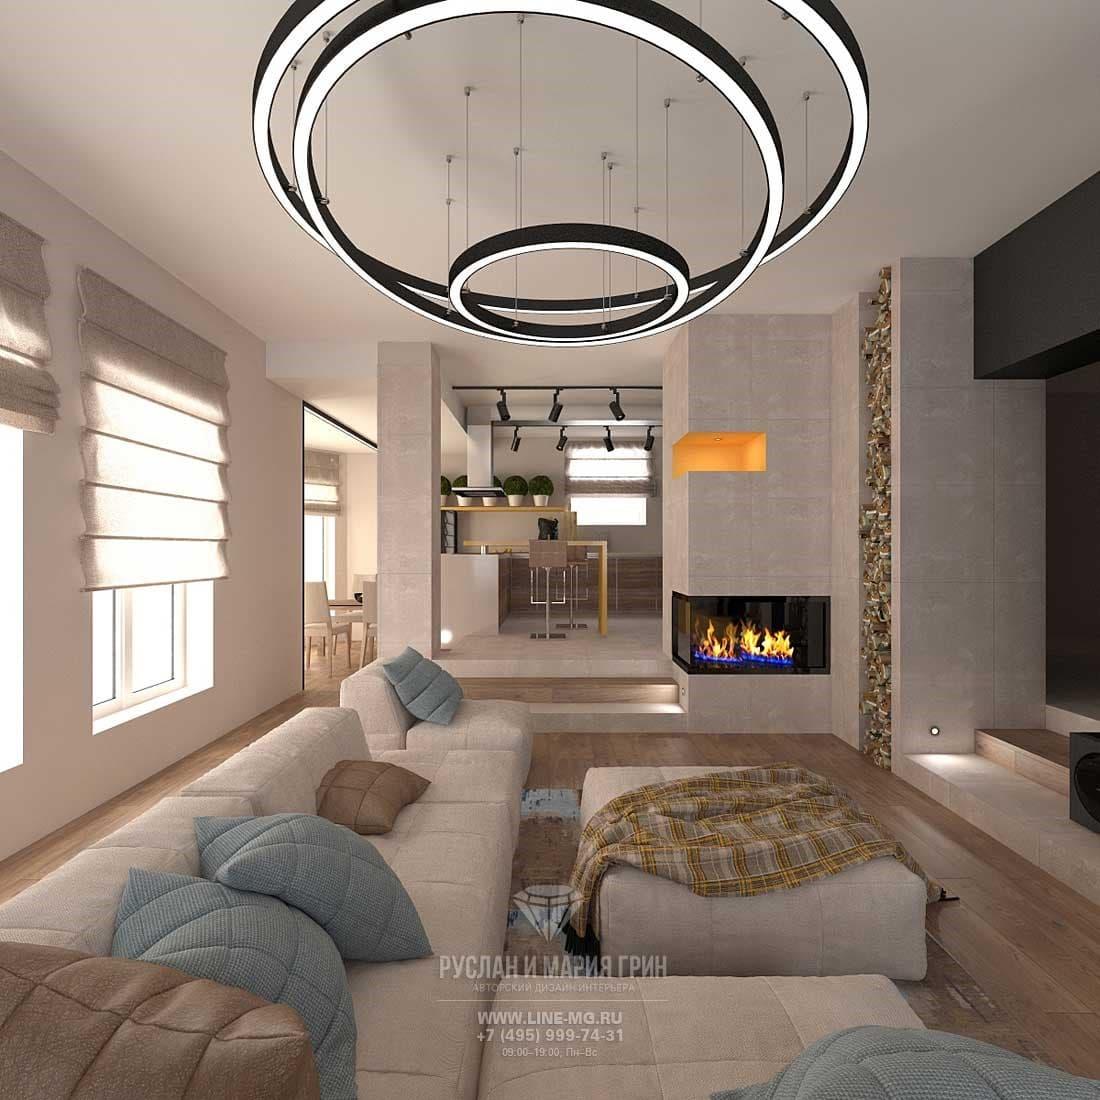 Дизайн интерьера в стиле лофт. Фото из портфолио